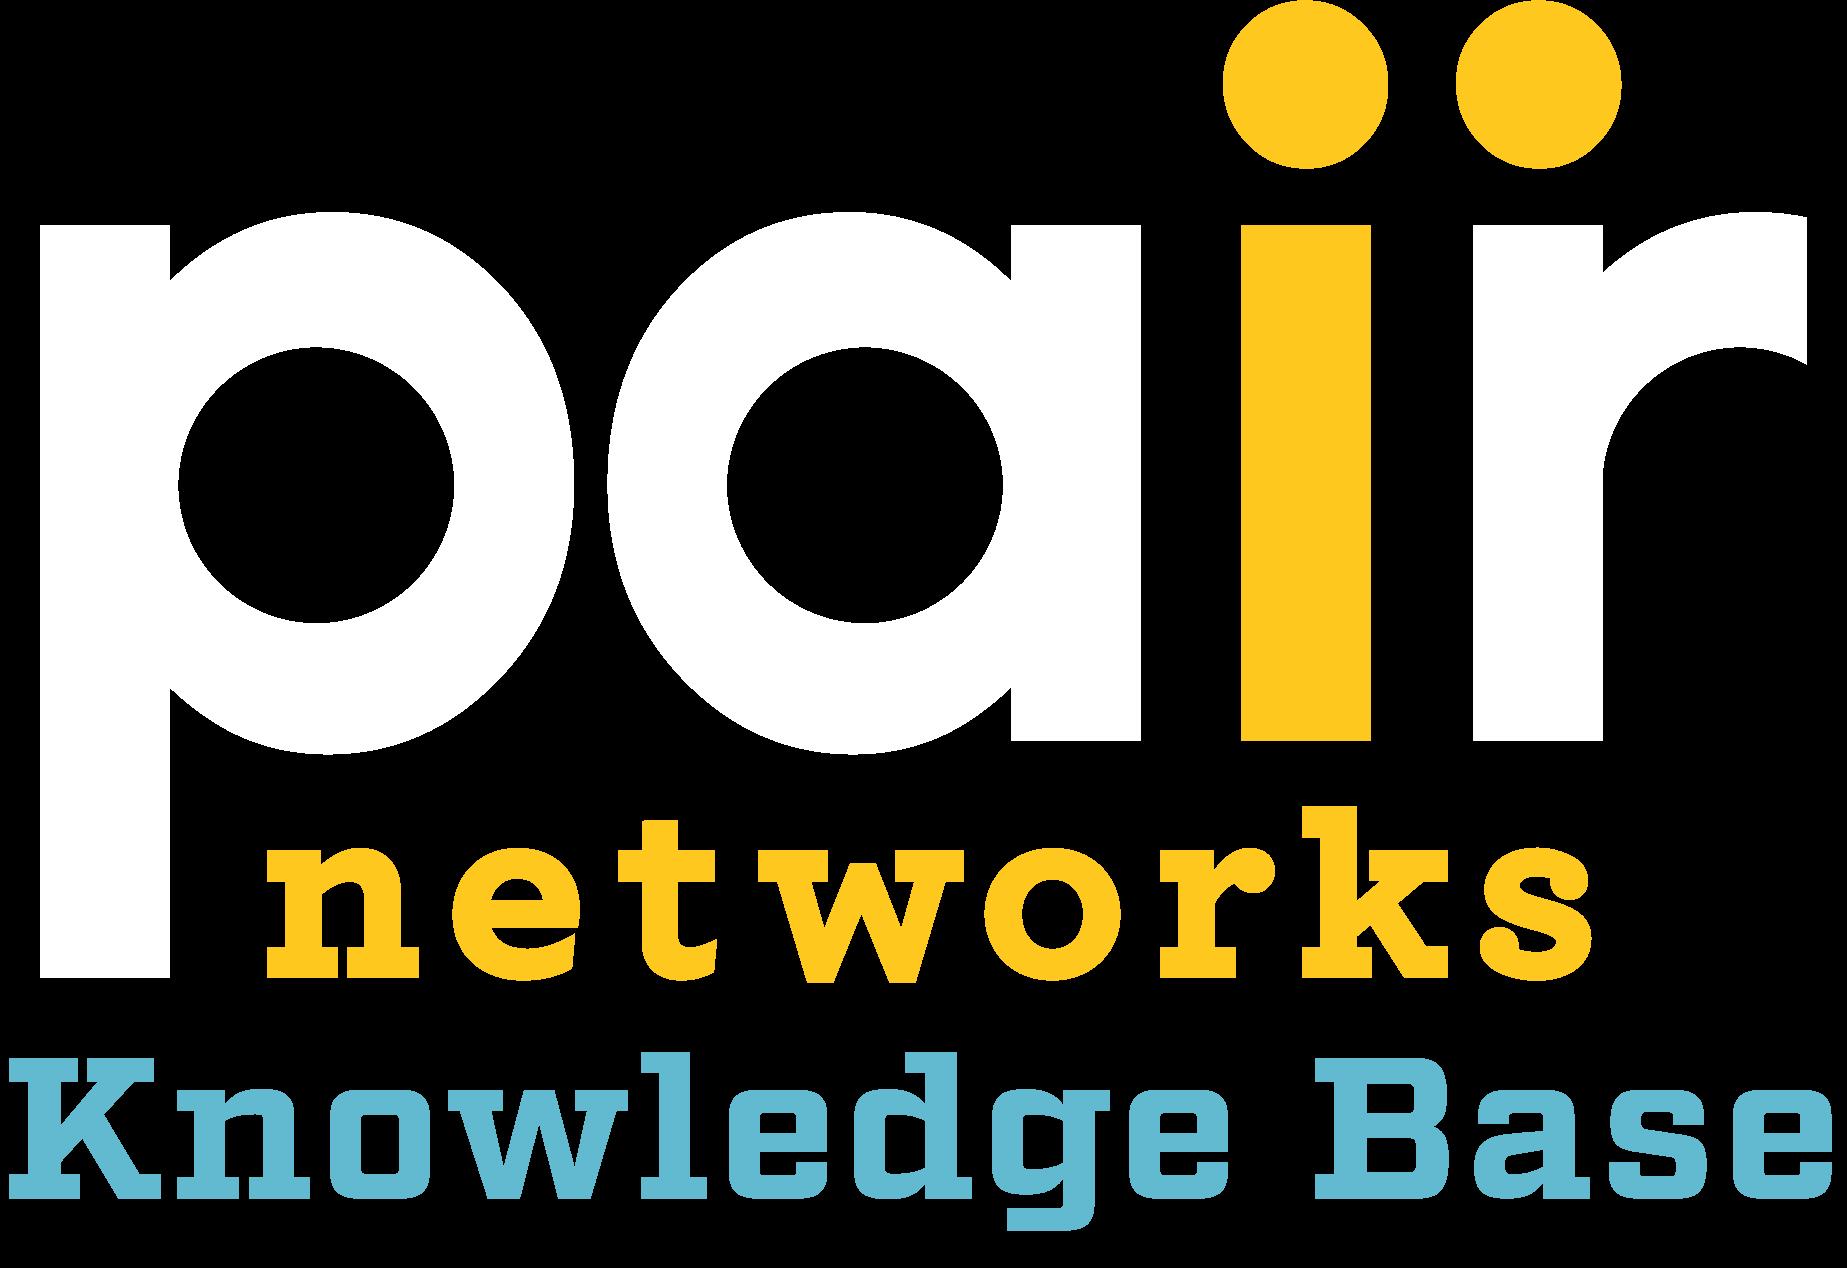 pair Networks KnowledgeBase